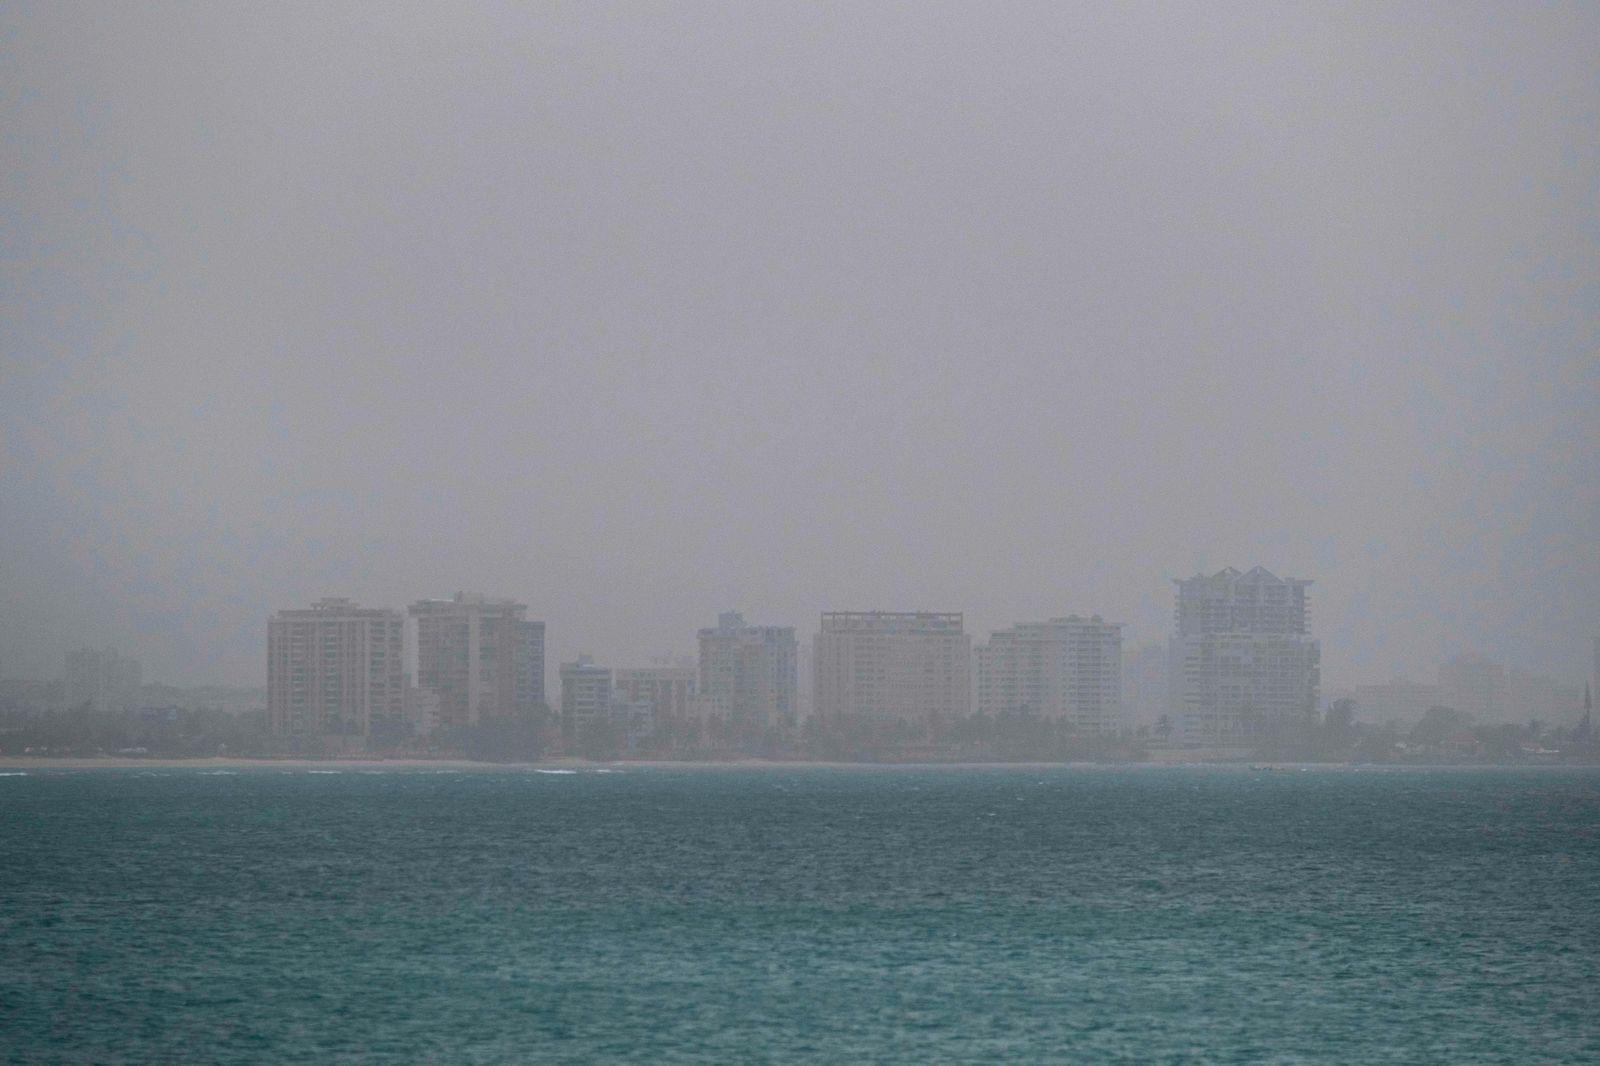 PUERTORICO-SAHARA-DUST-WEATHER